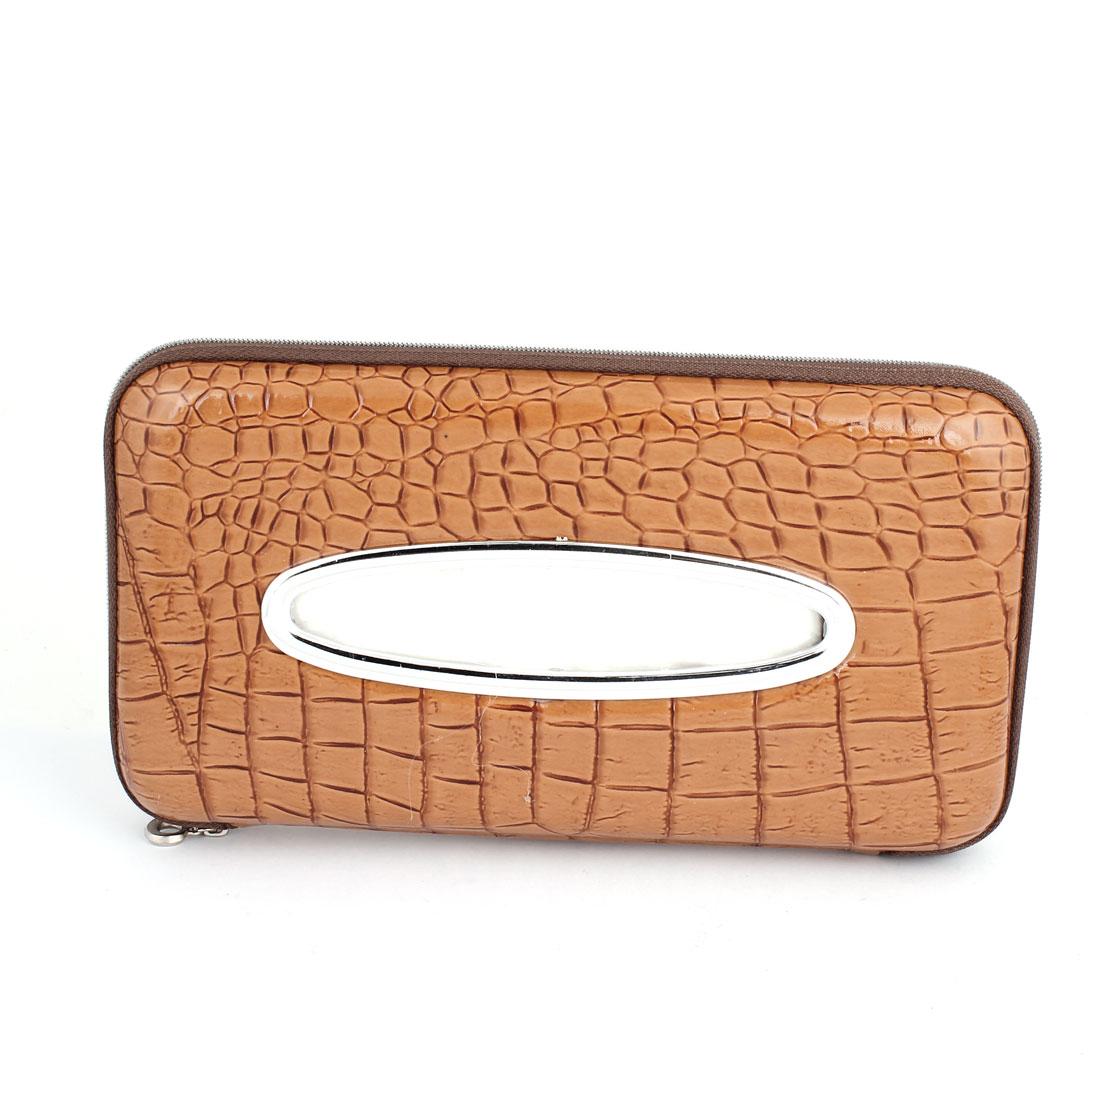 Auto Car Brown Crocodile Print Faux Leather Zipper Closure Paper Tissue Box Holder